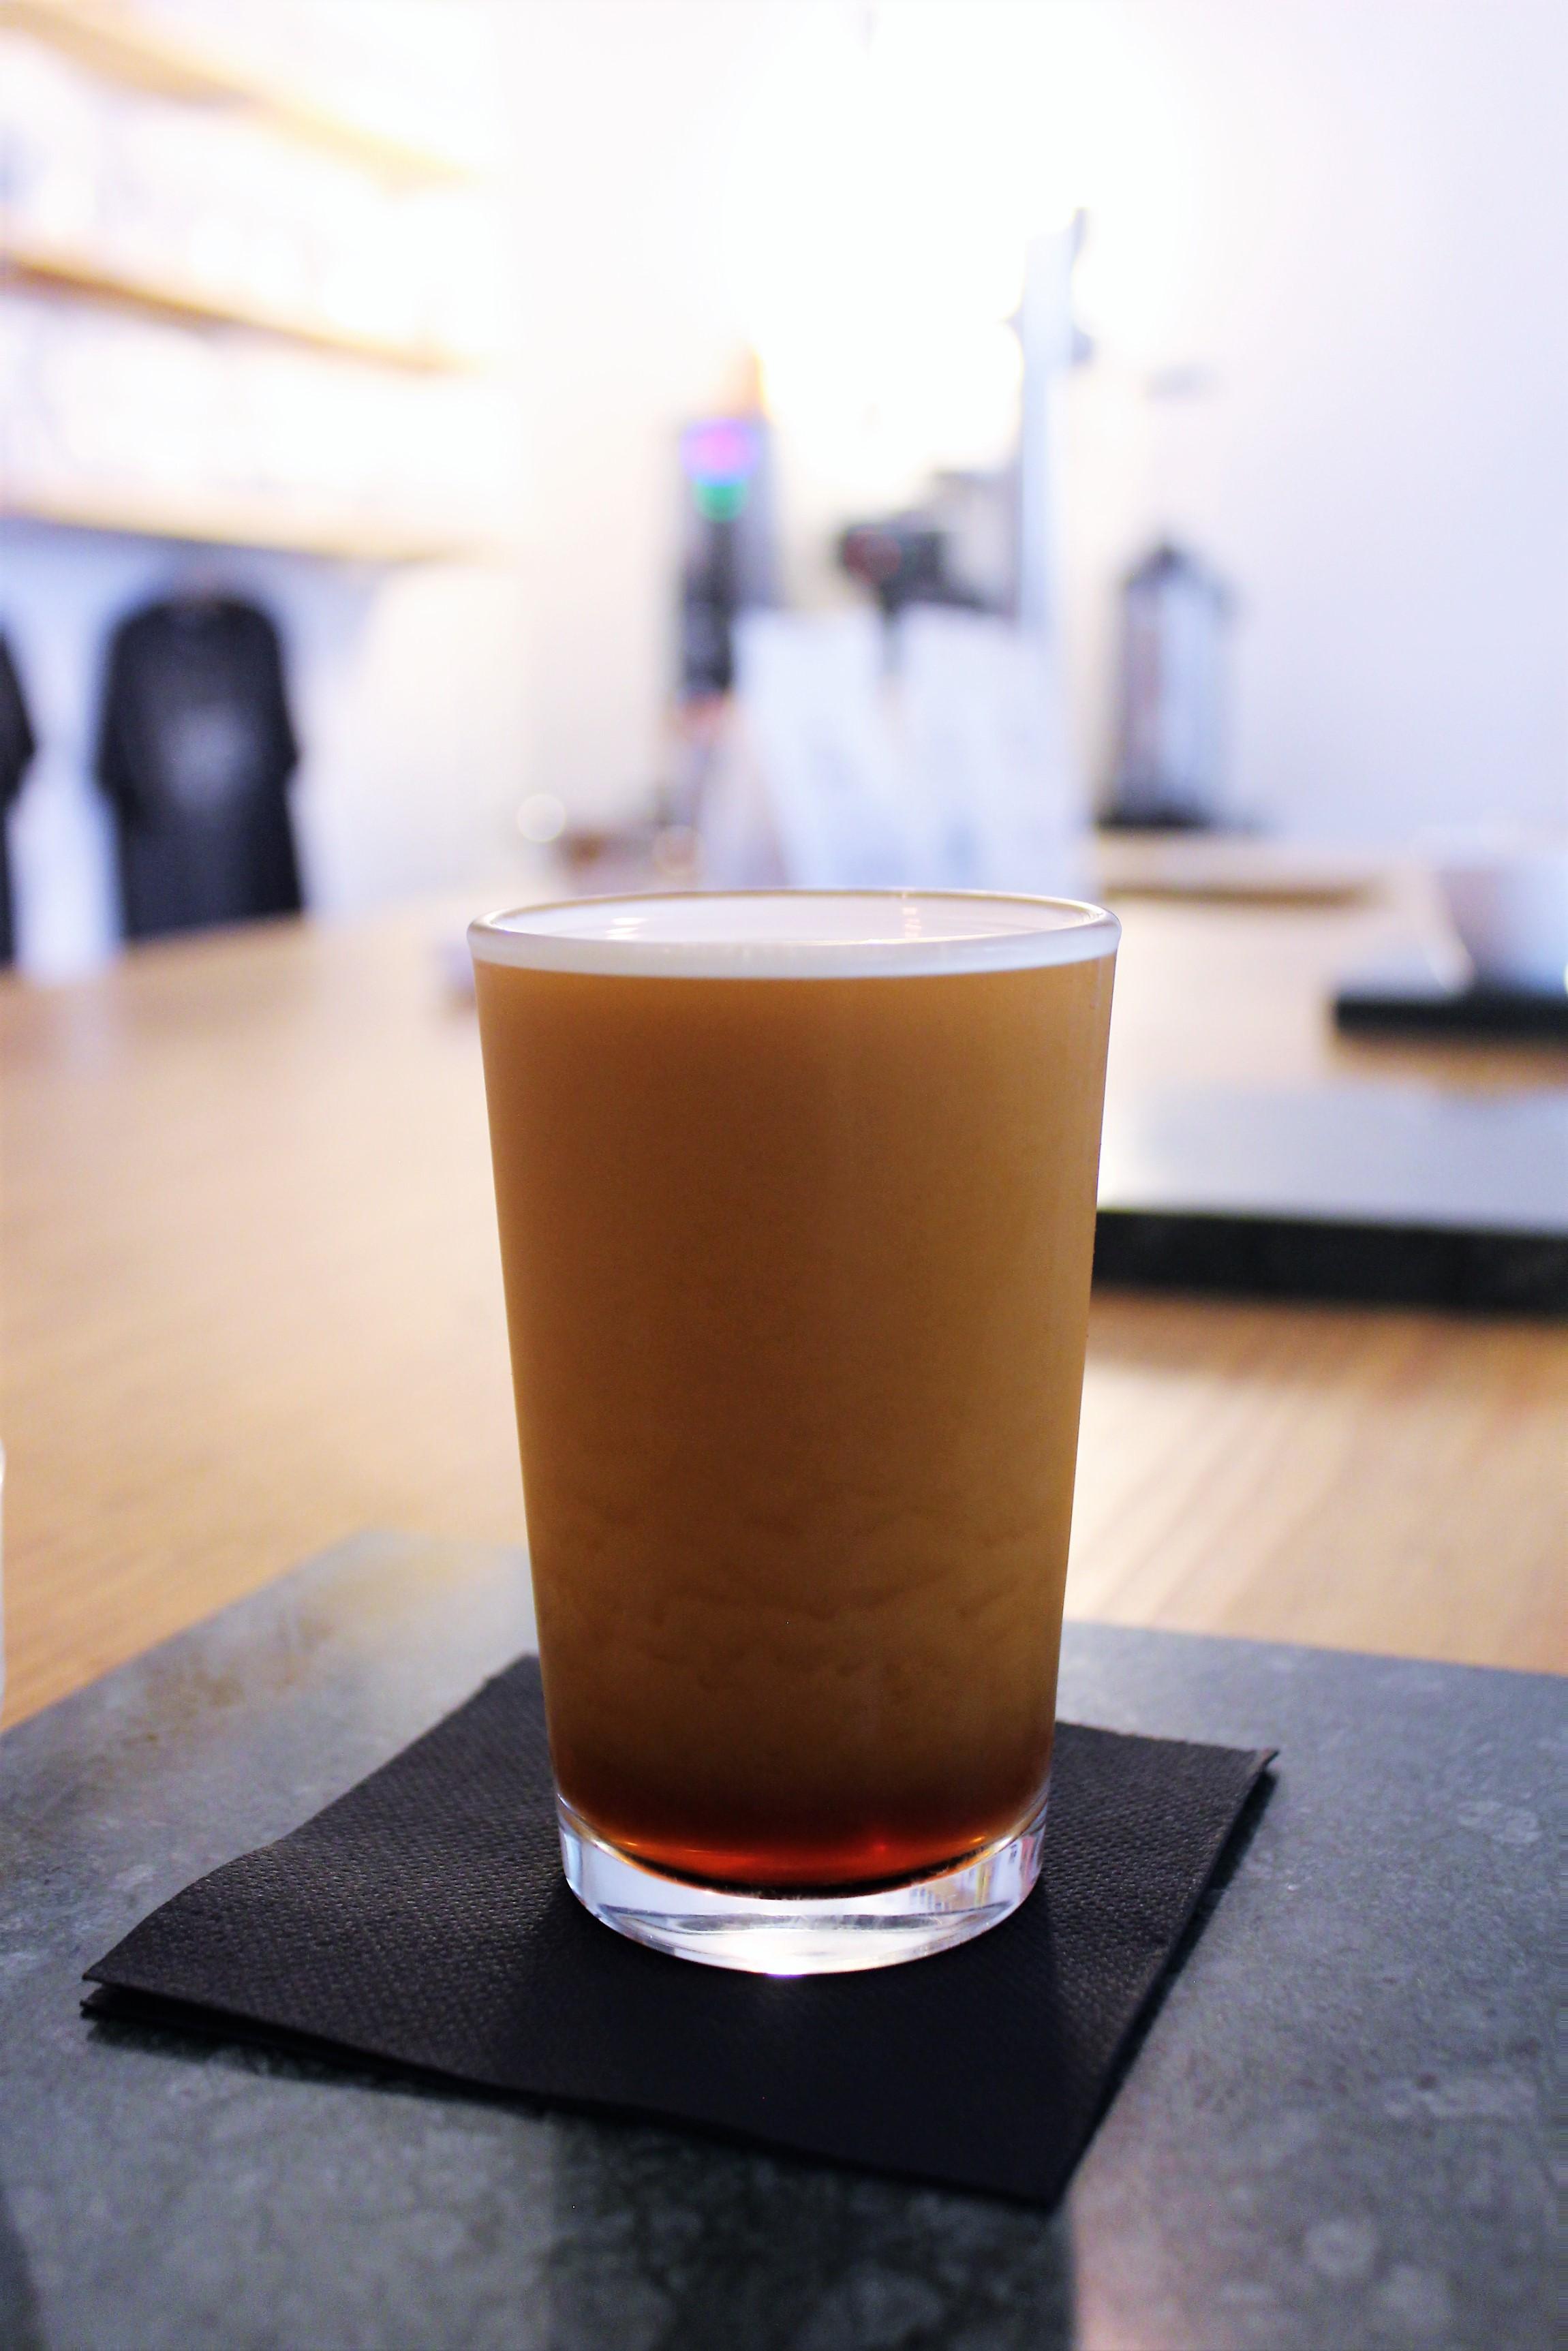 Nitro Cold Brew at Nømad Coffee in Barcelona